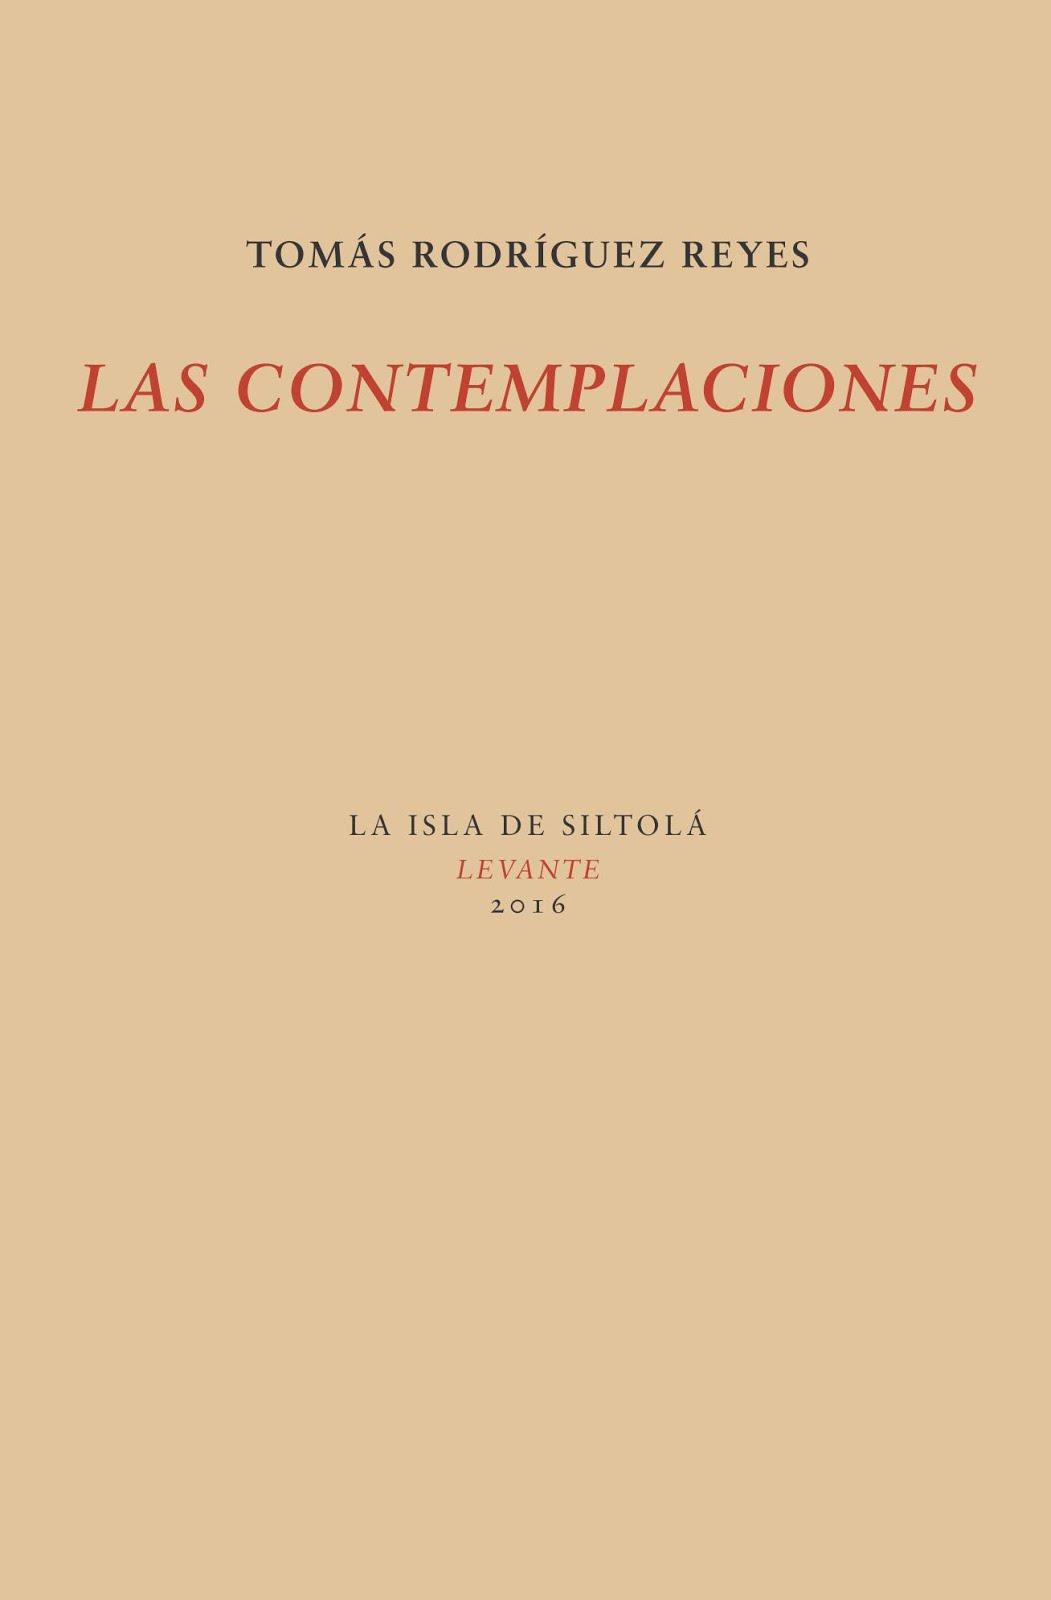 Las contemplaciones (2016)